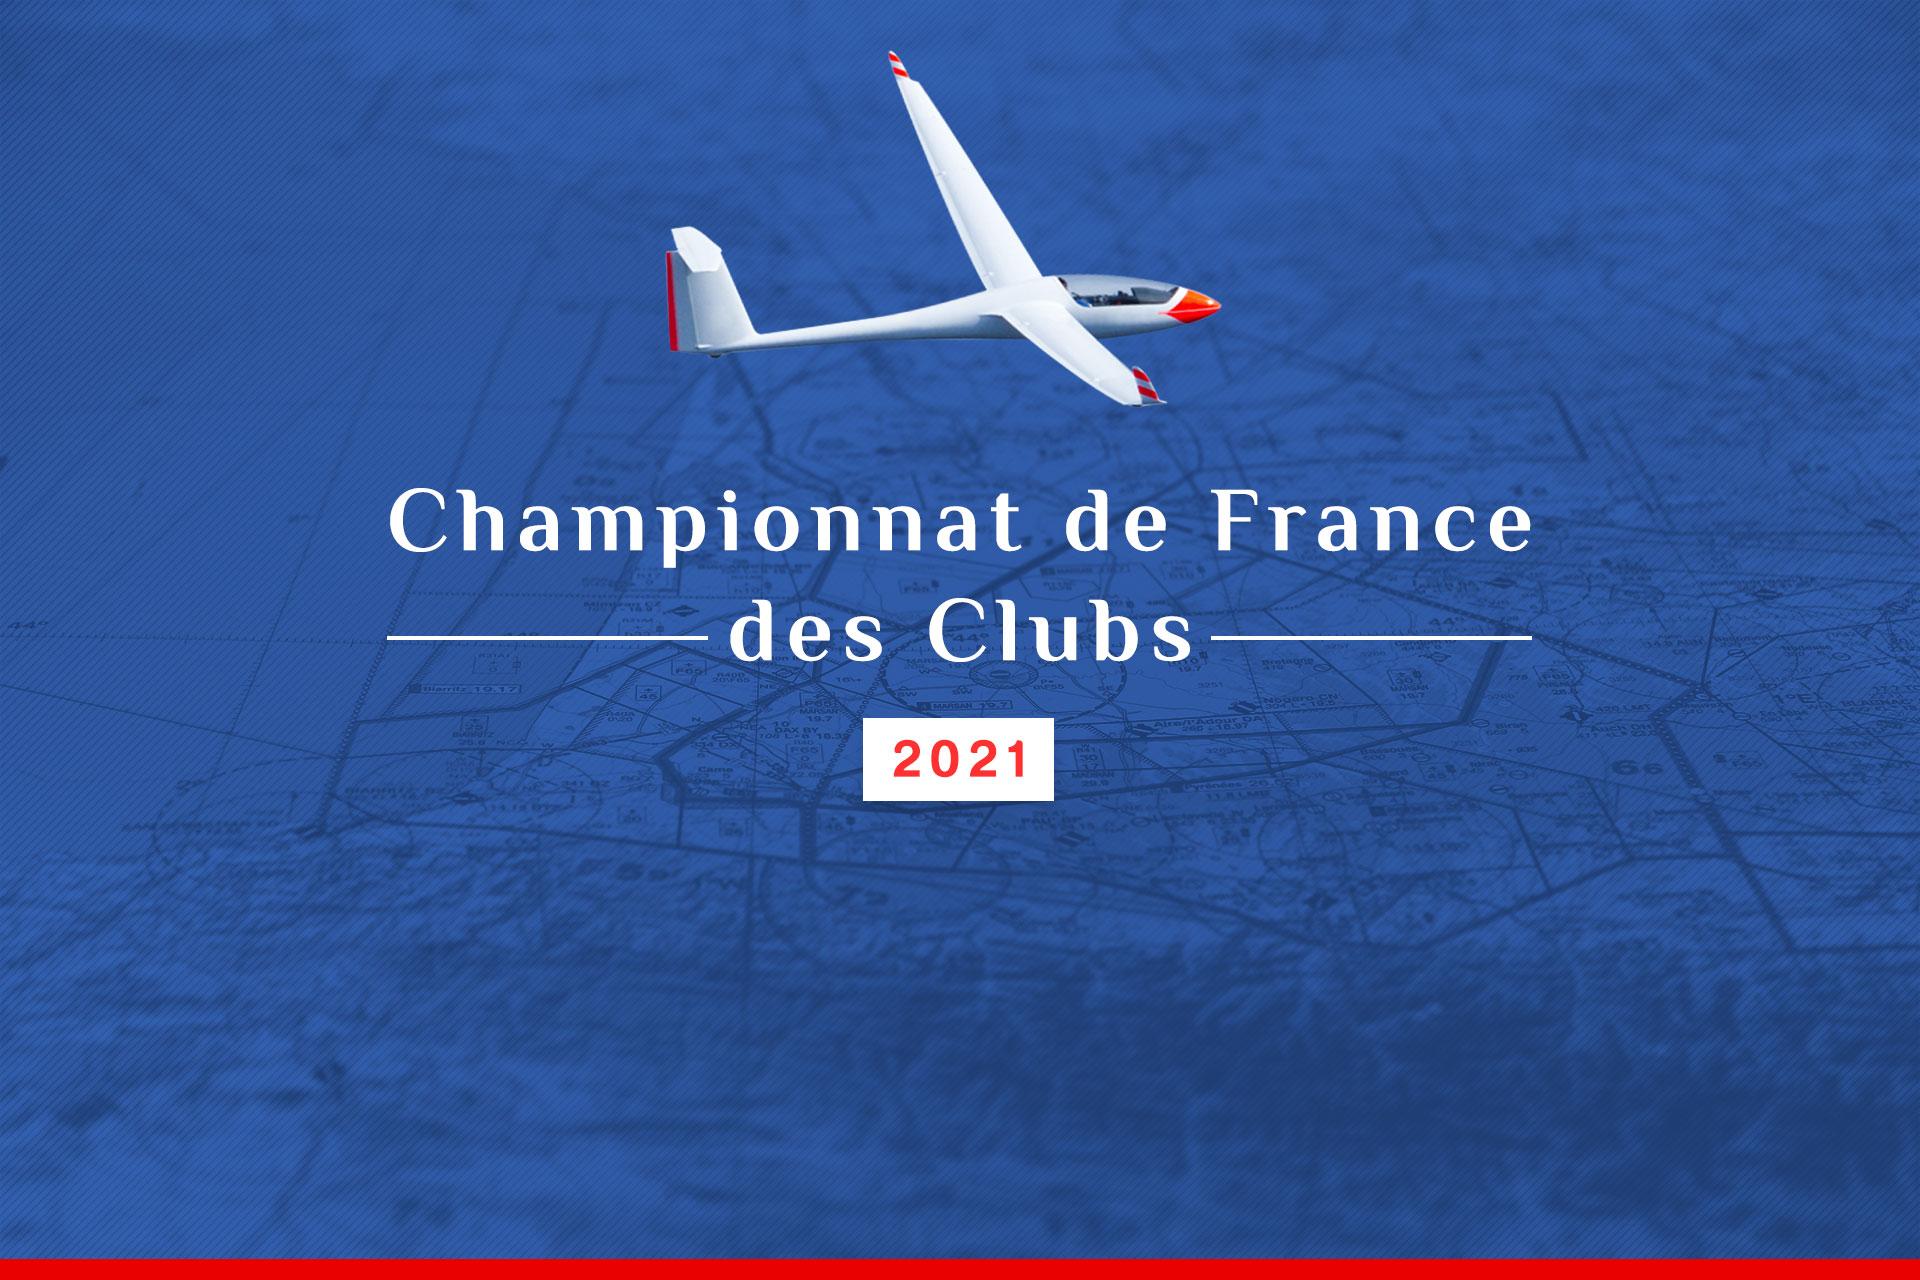 Le Championnat de France des Clubs 2021 débute ce week-end